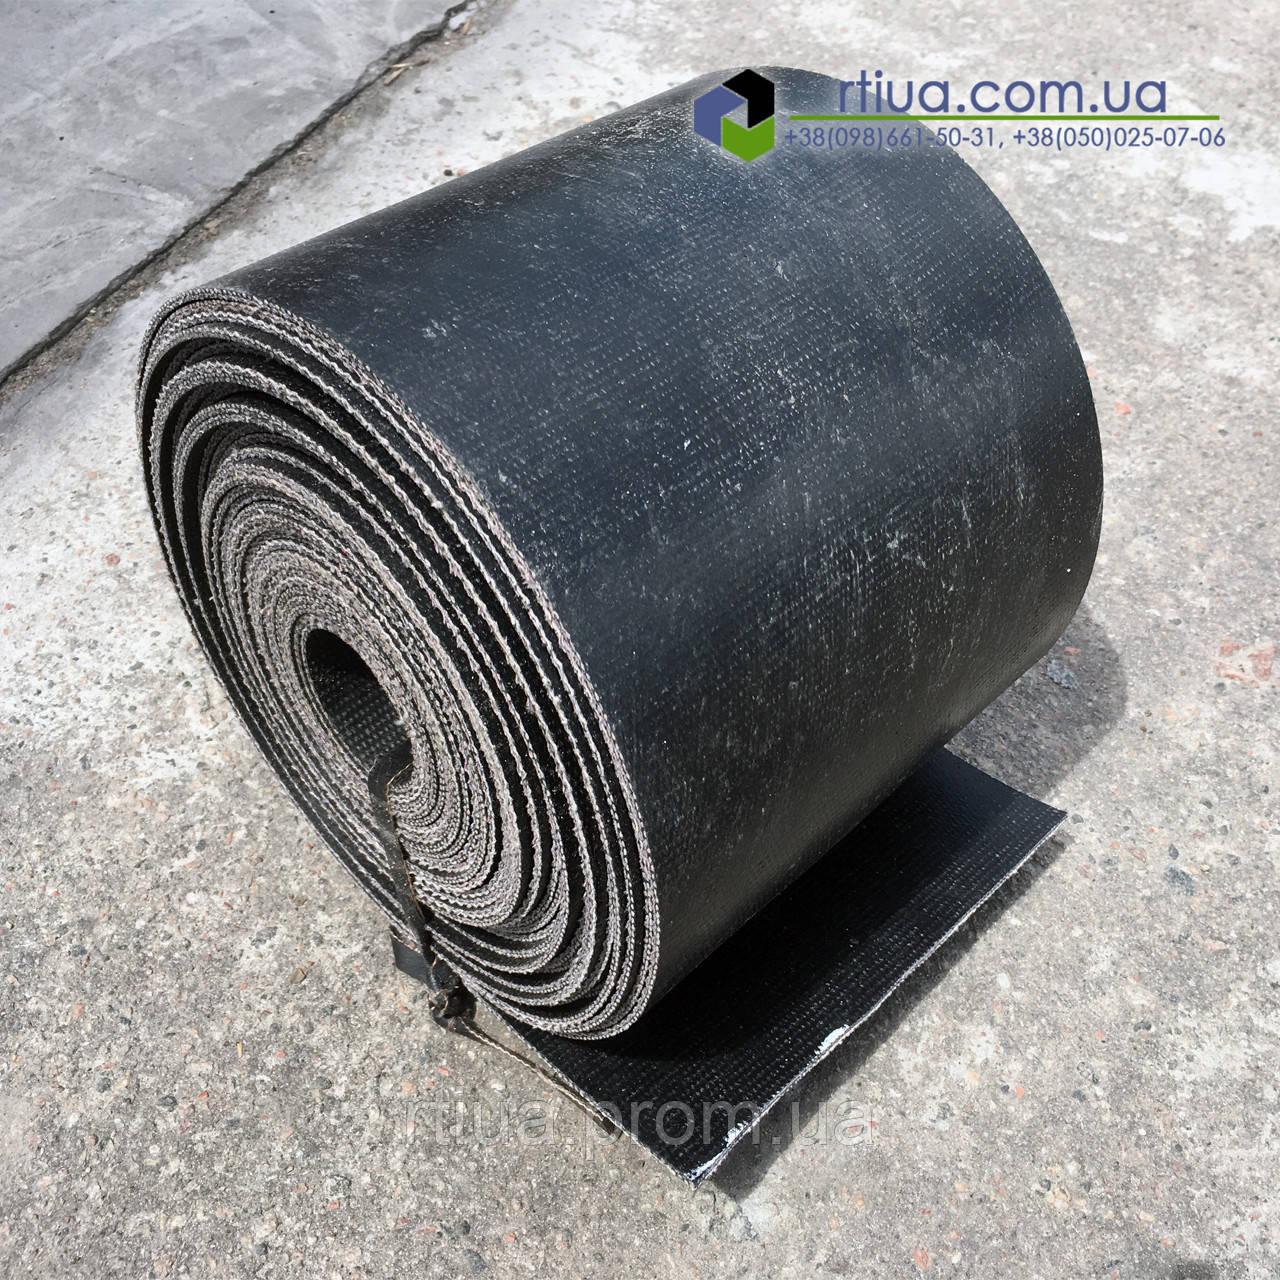 Транспортерная лента БКНЛ, 600х4 мм